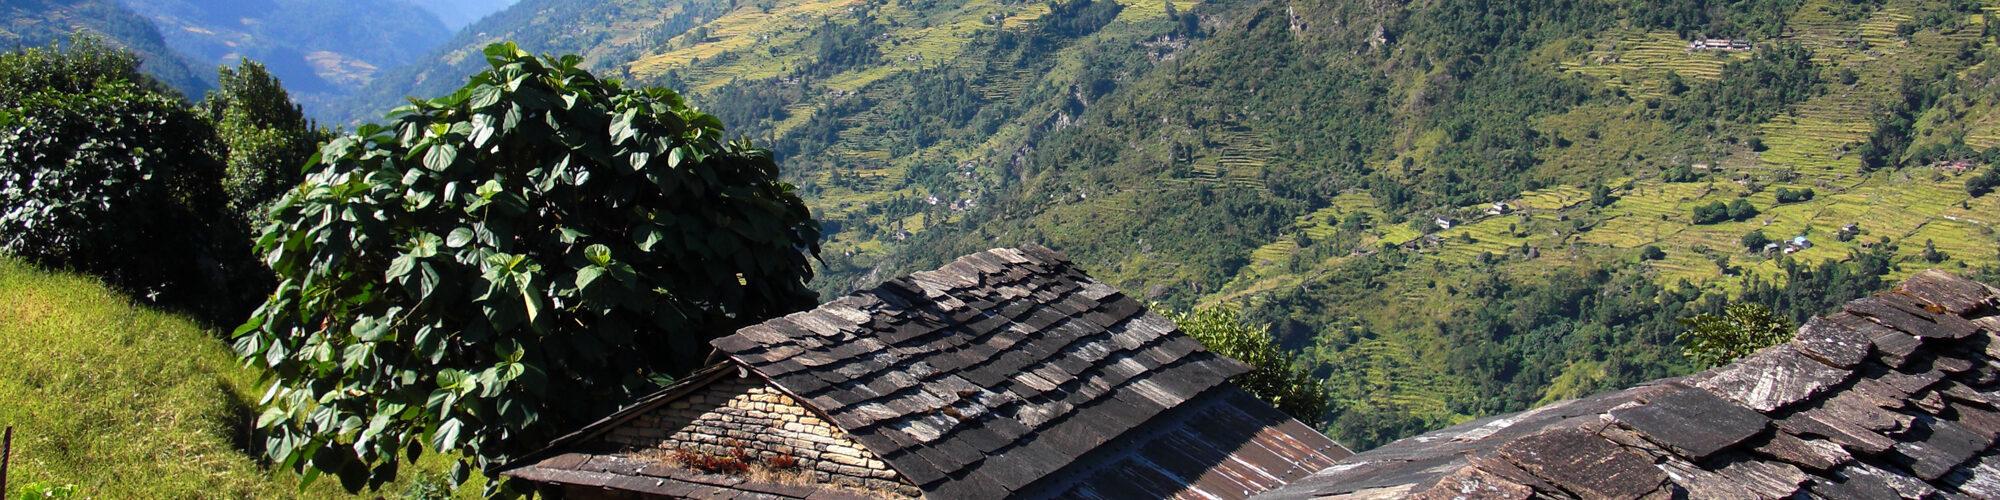 Ghandruk og dalen til Shyauli med Kipling Travel